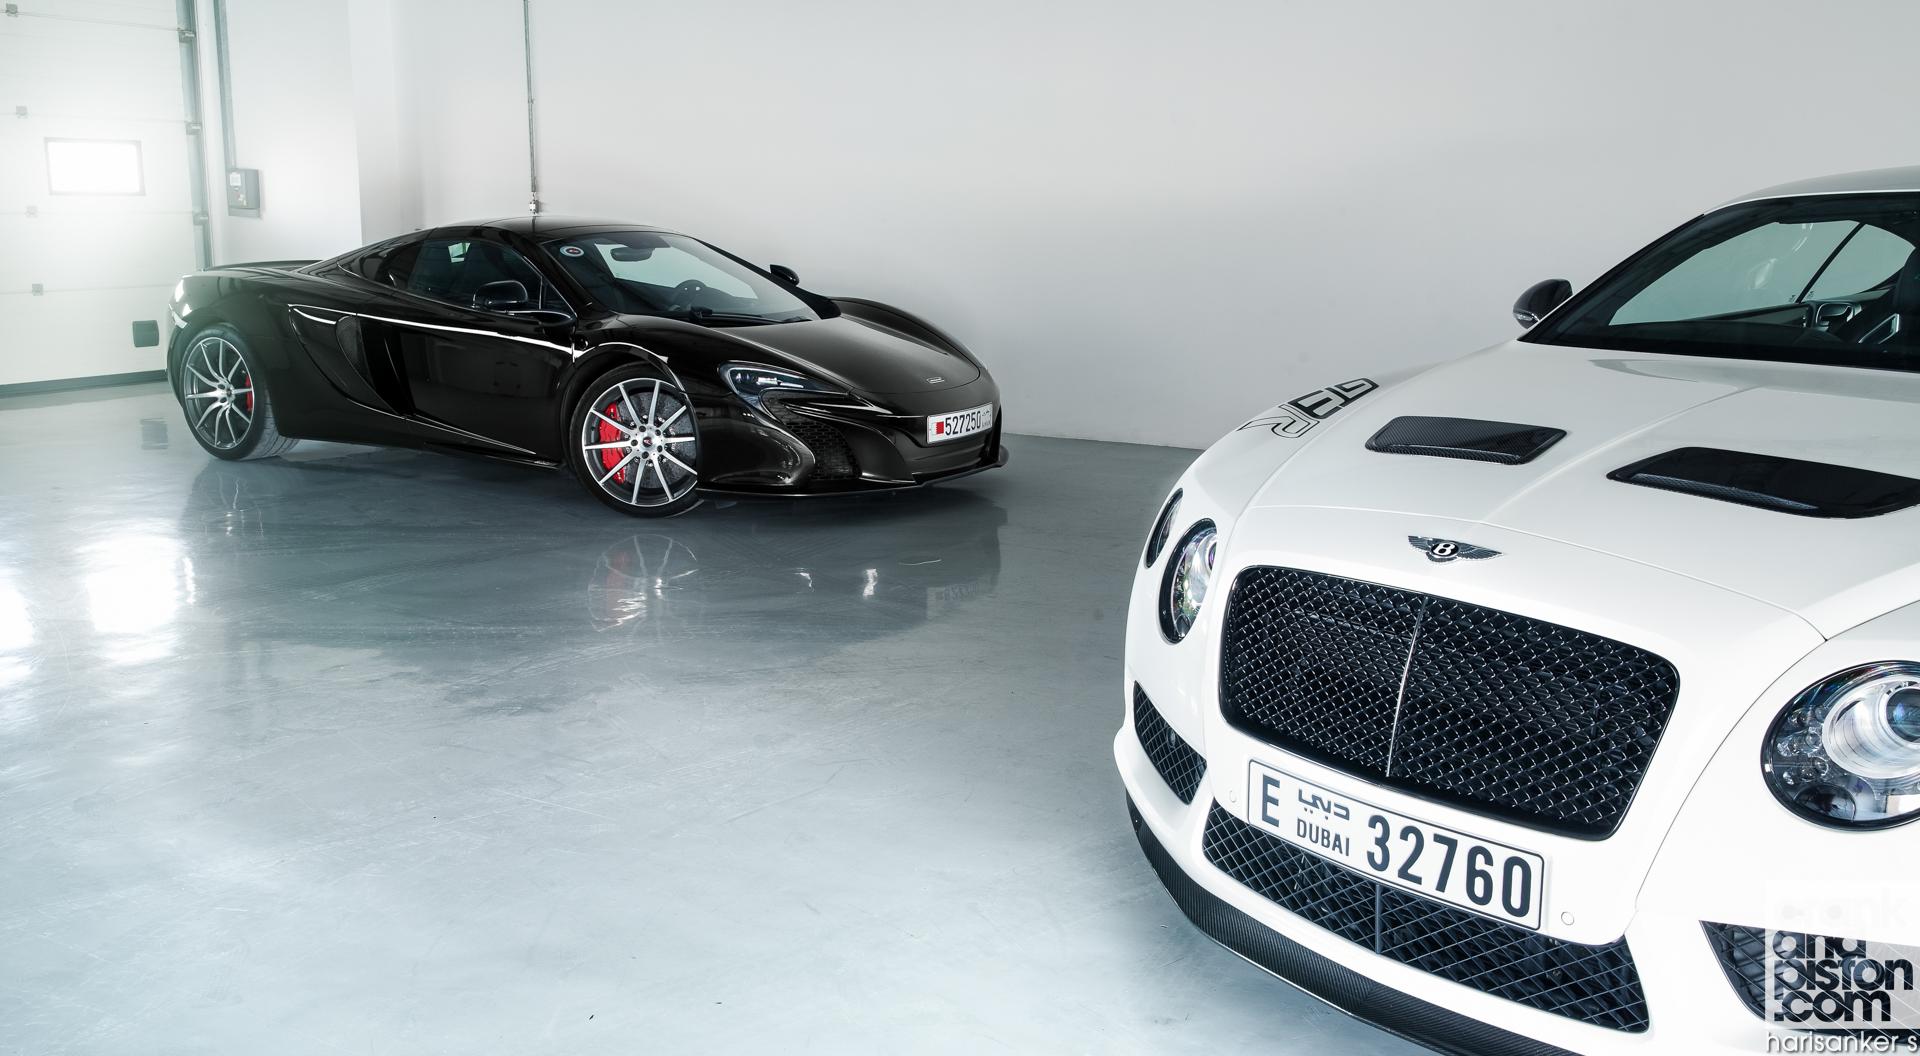 Bentley-Continental-GT3-R-vs-McLaren-650S-Spider-Wallpapers-4